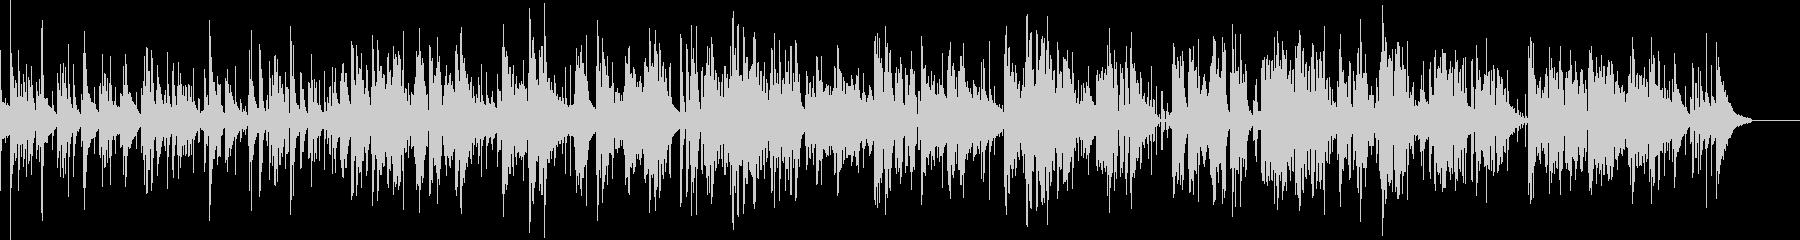 ヴィブラフォンが奏でるバラードナンバー の未再生の波形